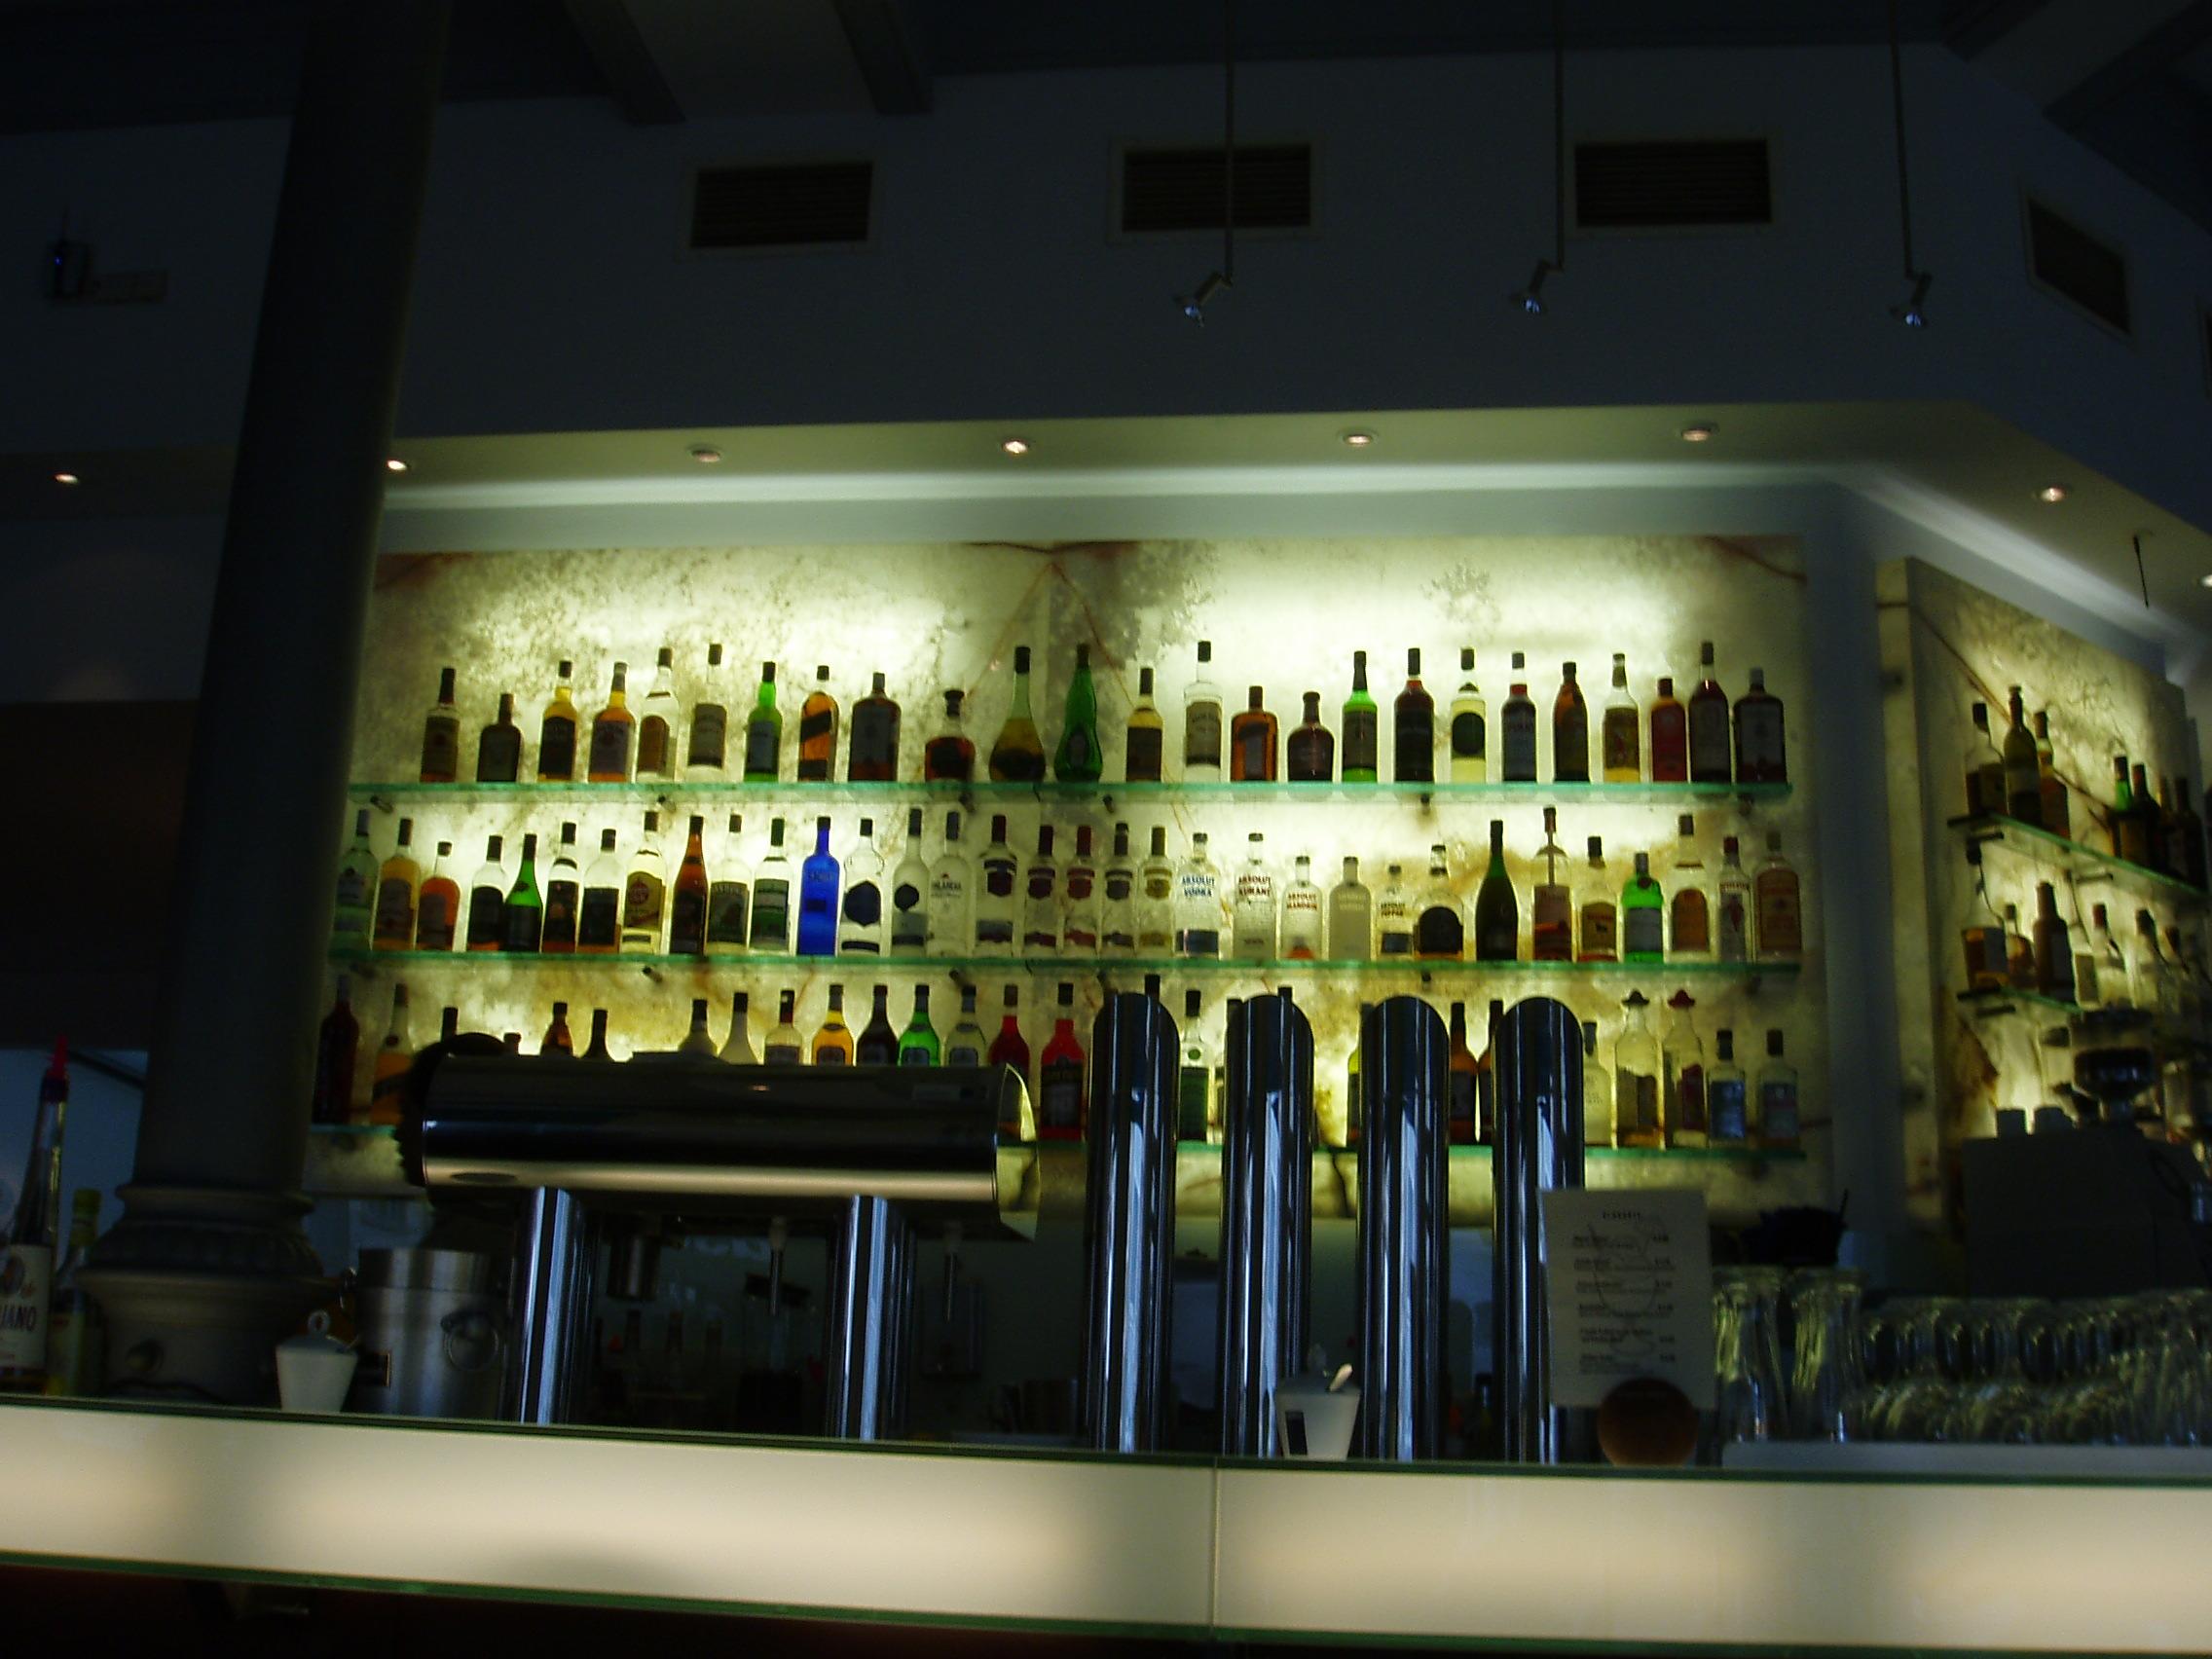 File backlit - Picture of bar ...